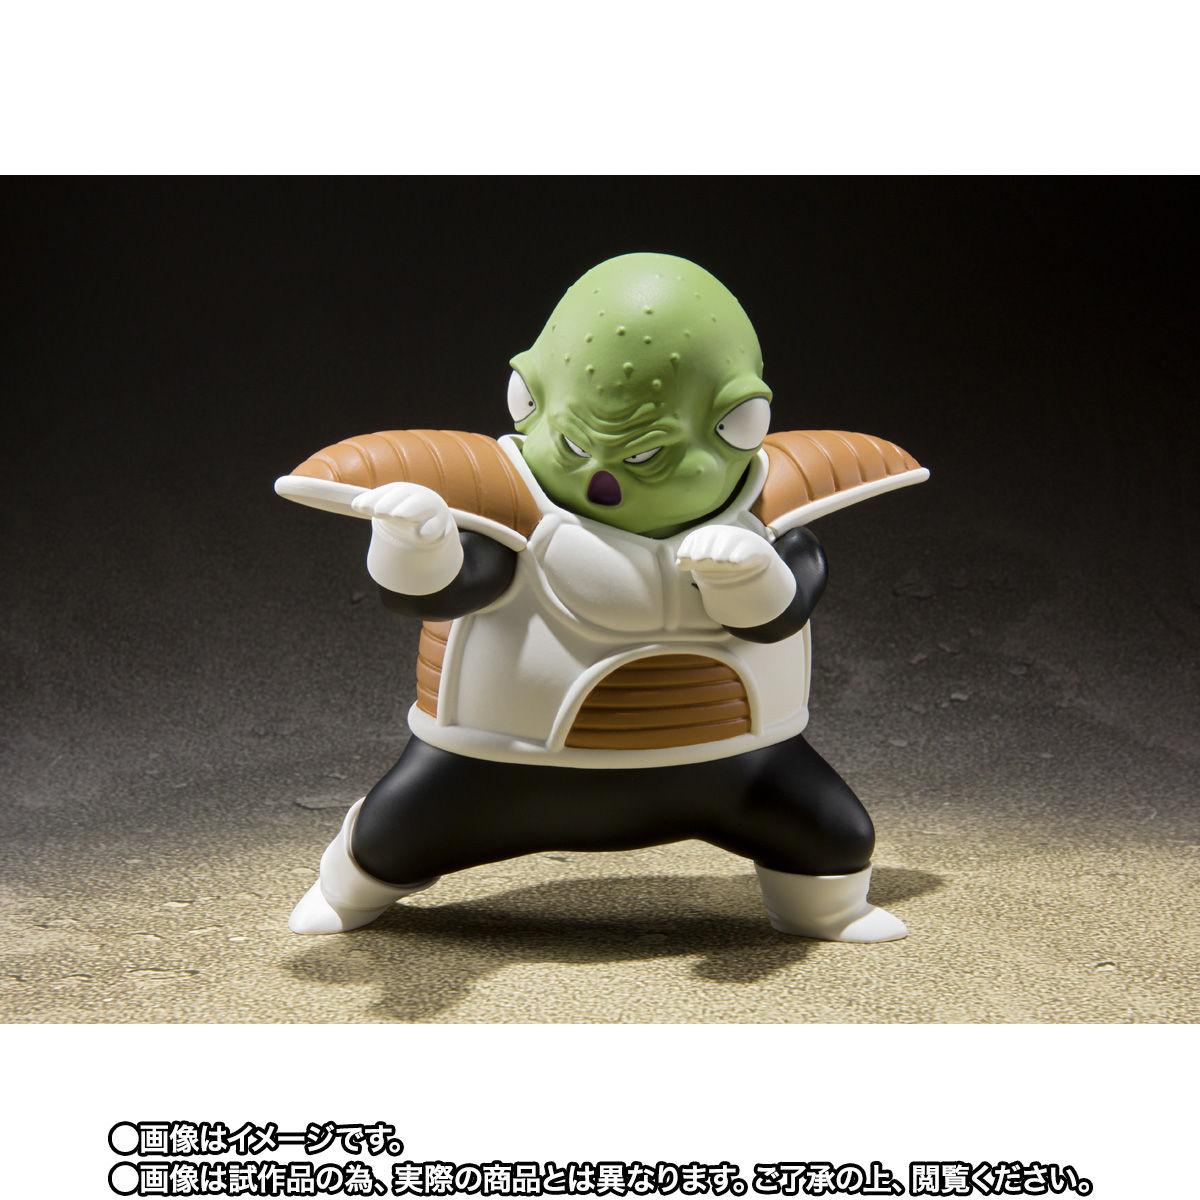 【限定販売】S.H.Figuarts『バータ&グルド』ドラゴンボールZ 可動フィギュア-008